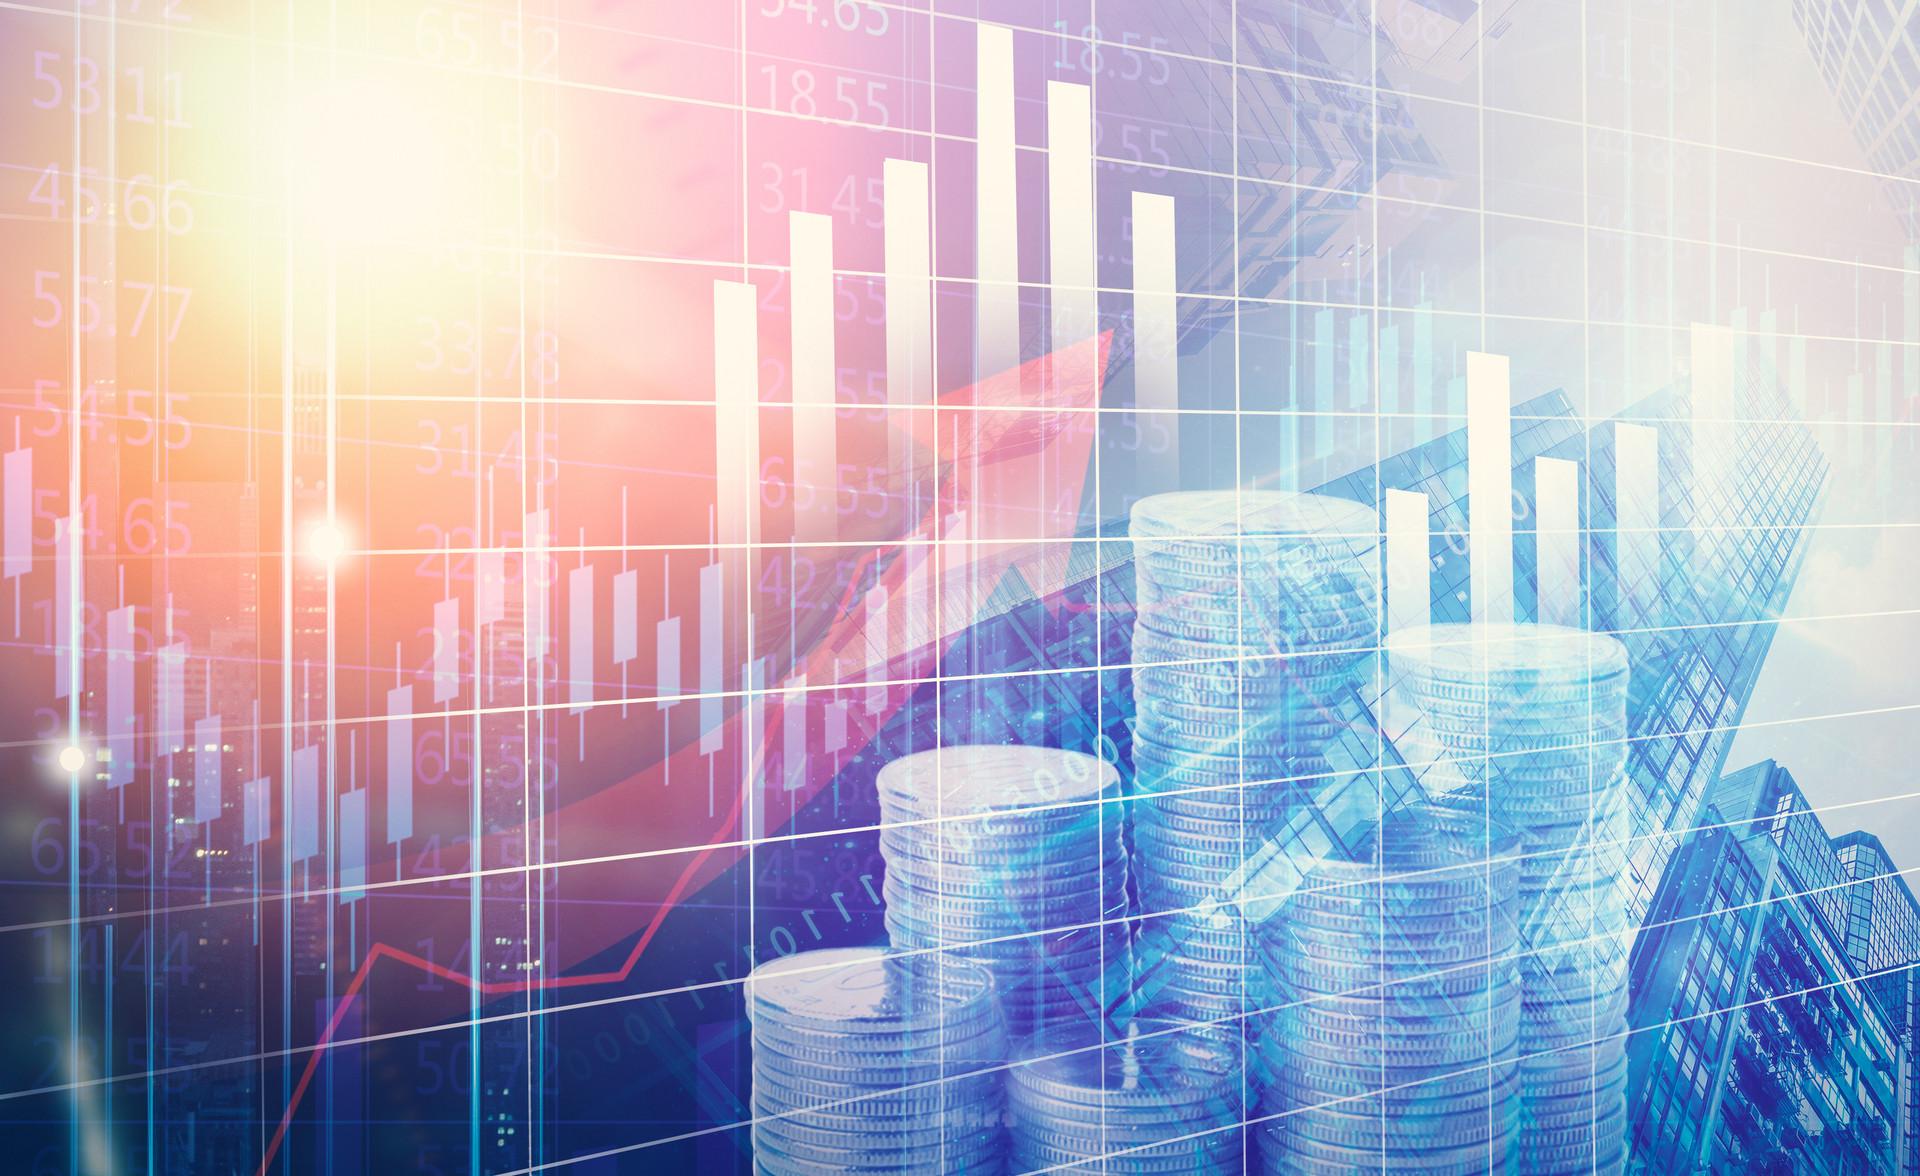 引导资金稳步入市 银行理财子公司可开立证券账户